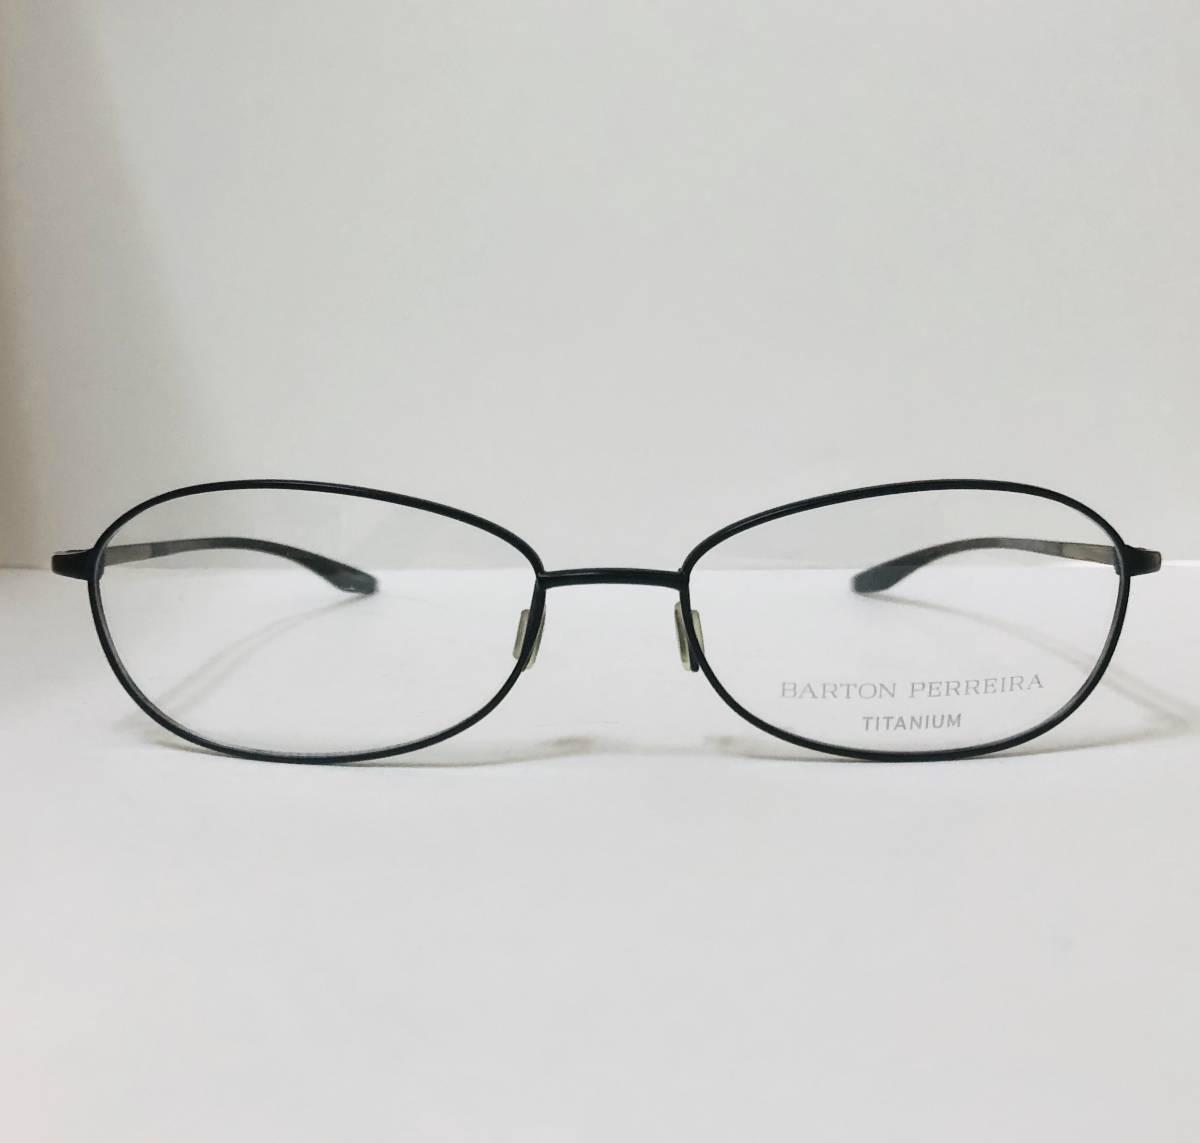 定価 42,500円 バートンペレイラ ヘイゼル チタン製 日本製メガネ 黒 Barton Perreira 米国ブランド _画像2